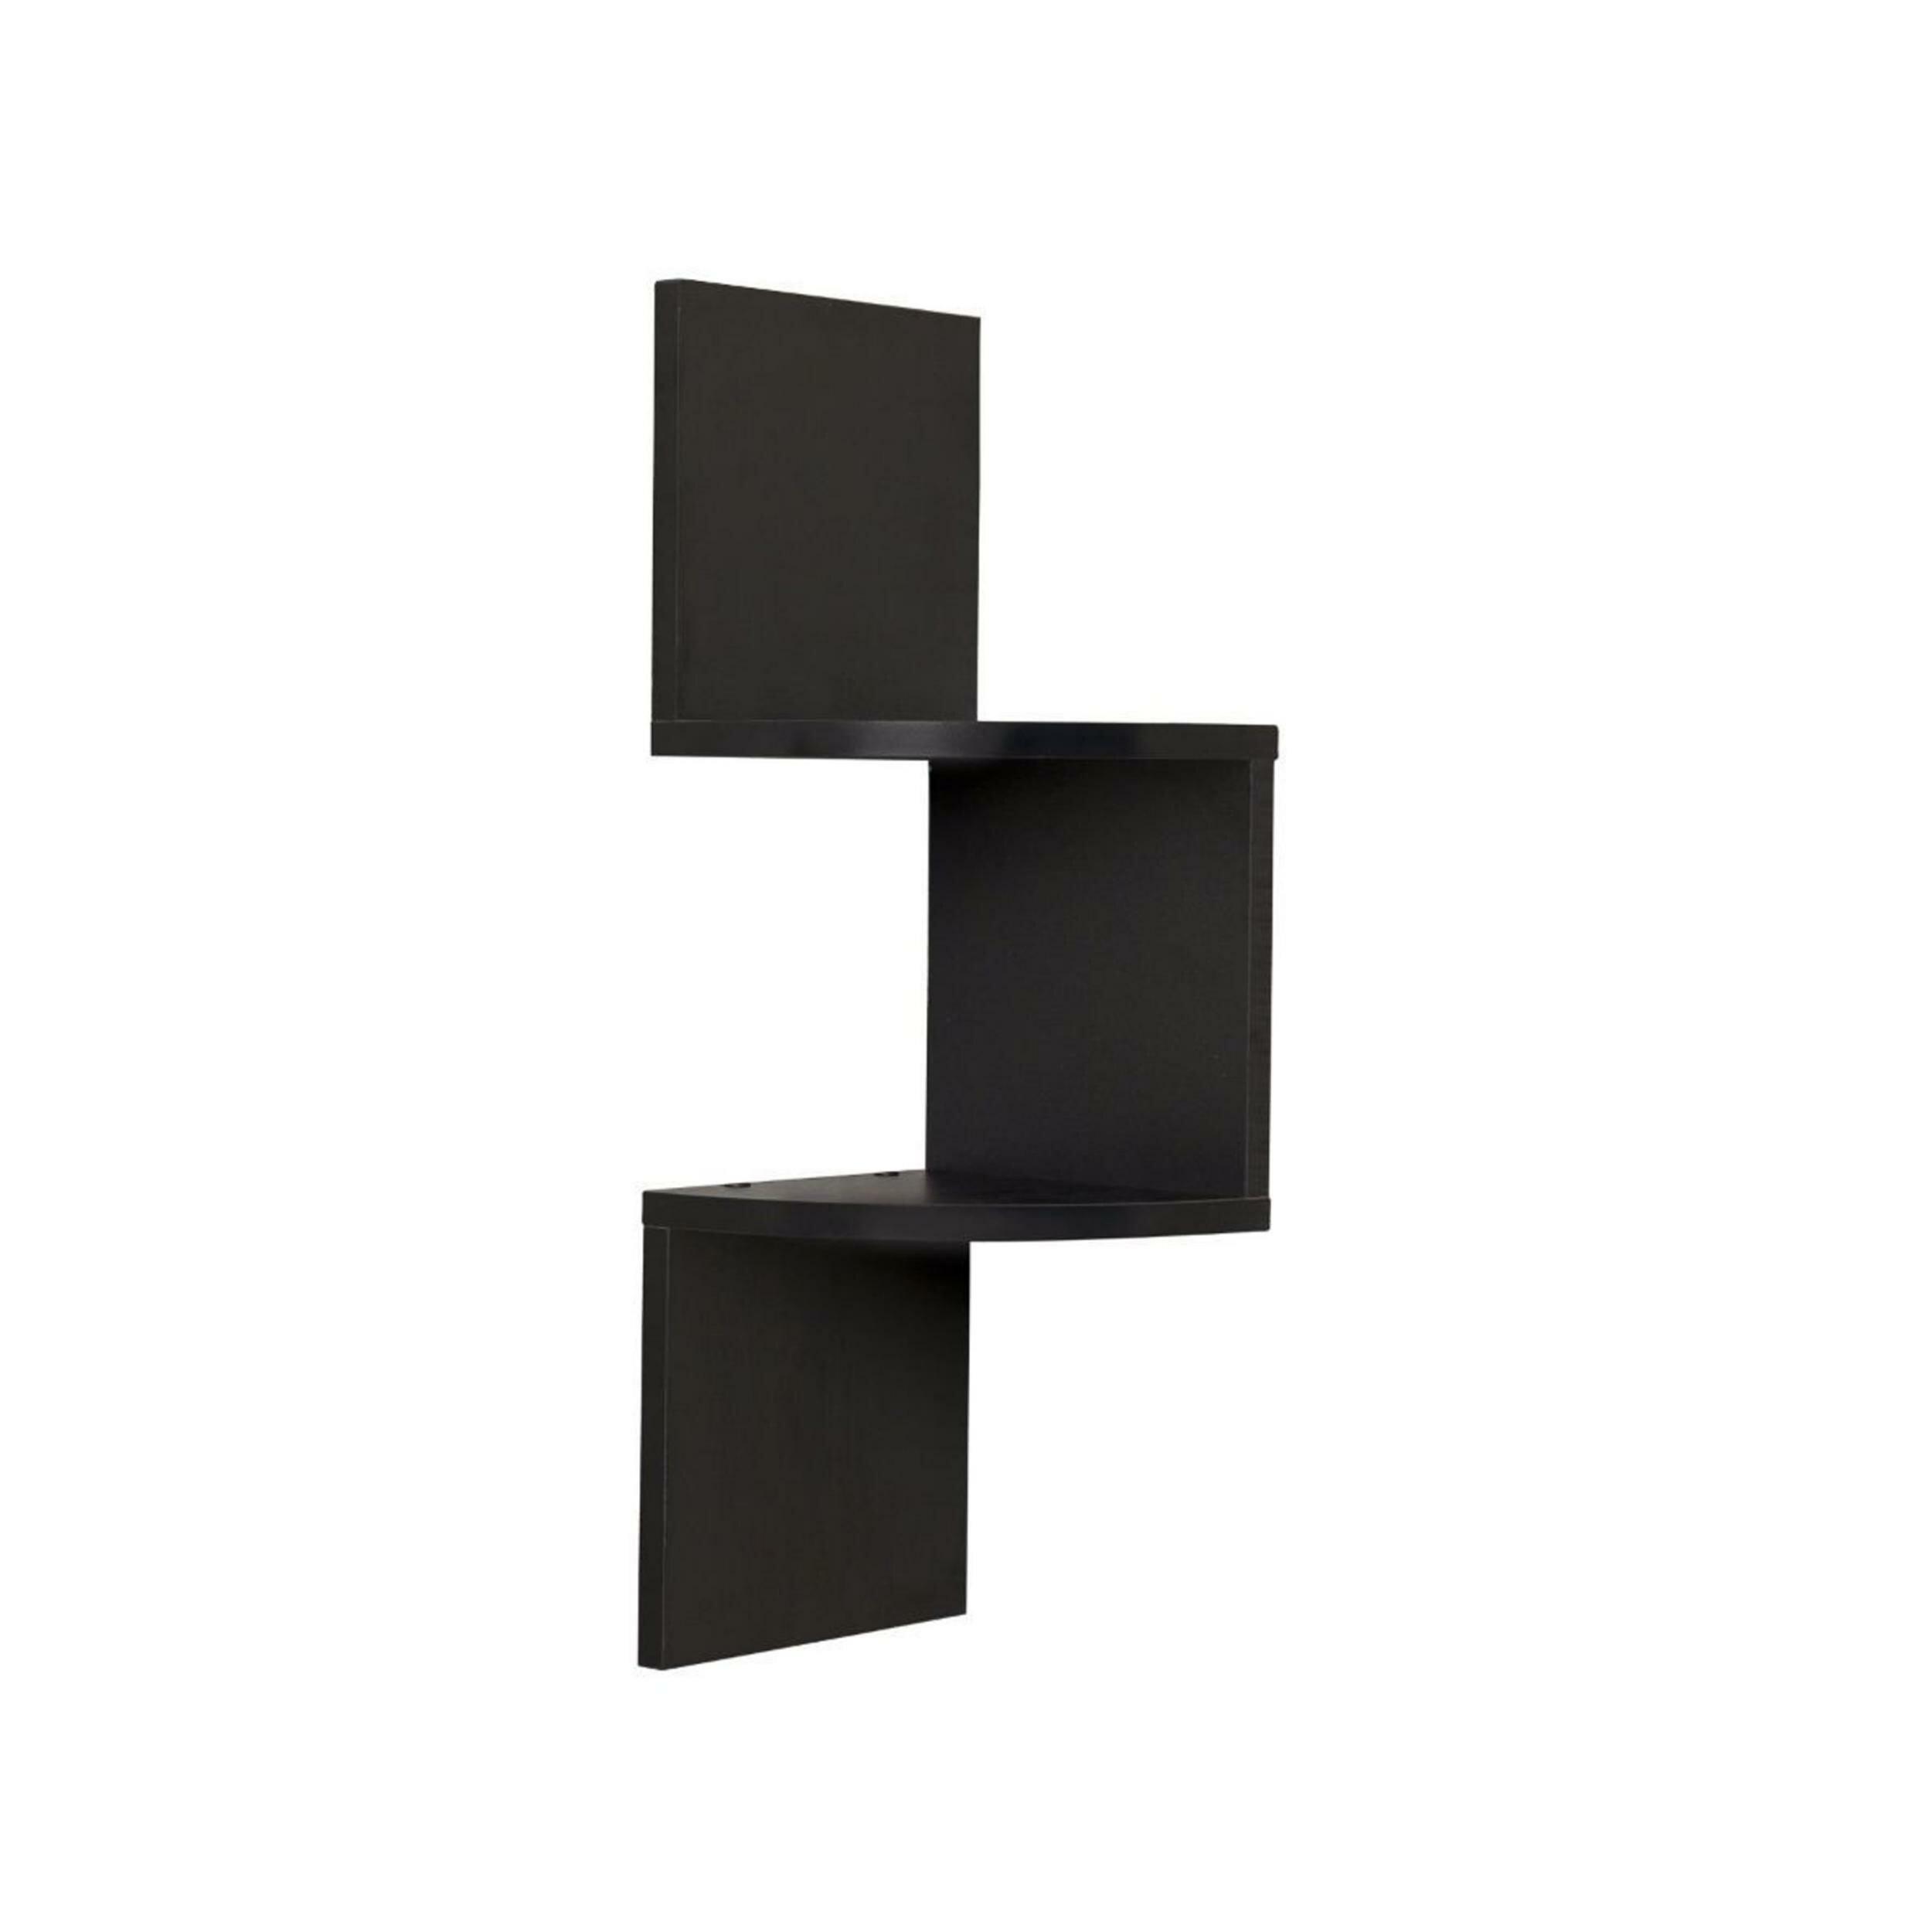 Osterhout Laminated Corner Wall Shelf